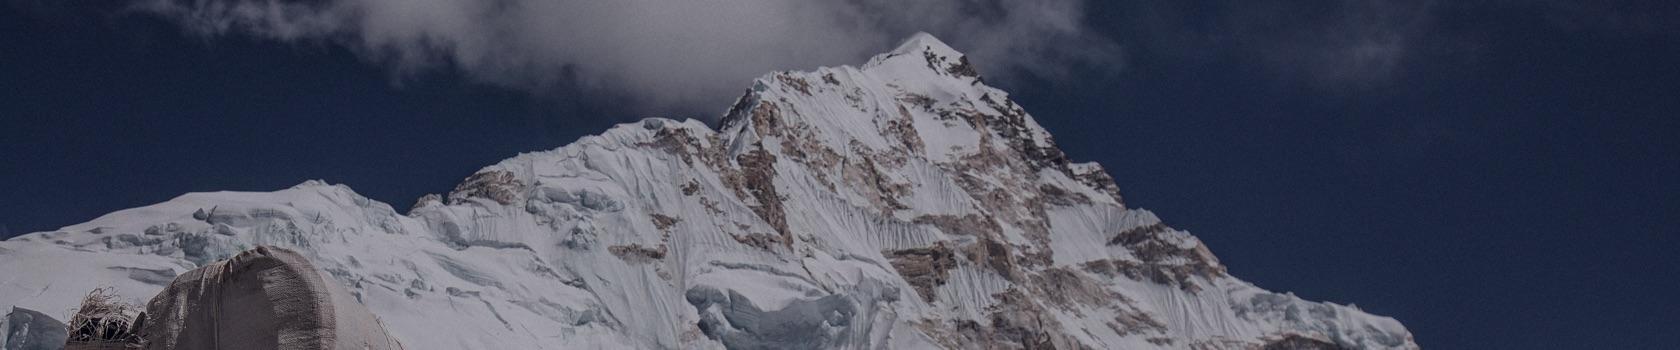 snow-treks-in-ladakh